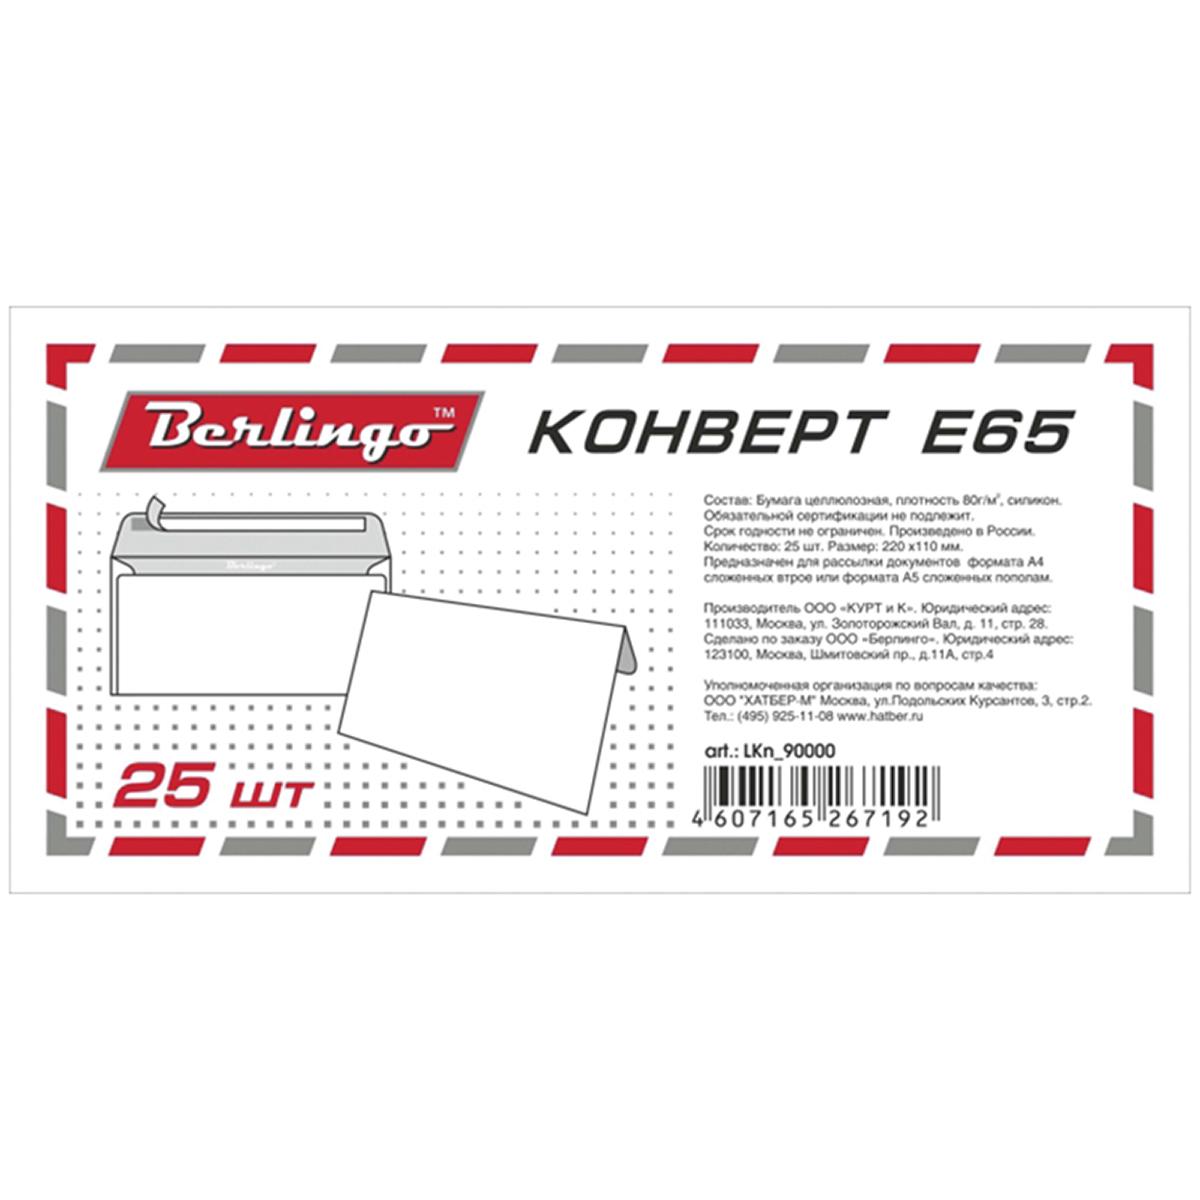 Berlingo Конверт E65 25 штLKn_90000Конверт Berlingo E65 выполнен в евроформате размером 110 х 220 мм без окна, без подсказа и с внутренней запечаткой. Предназначен для вложения листов формата А4, сложенных втрое или А5, сложенных вдвое. Клапан конверта крепится с помощью отрывной силиконовой ленты.